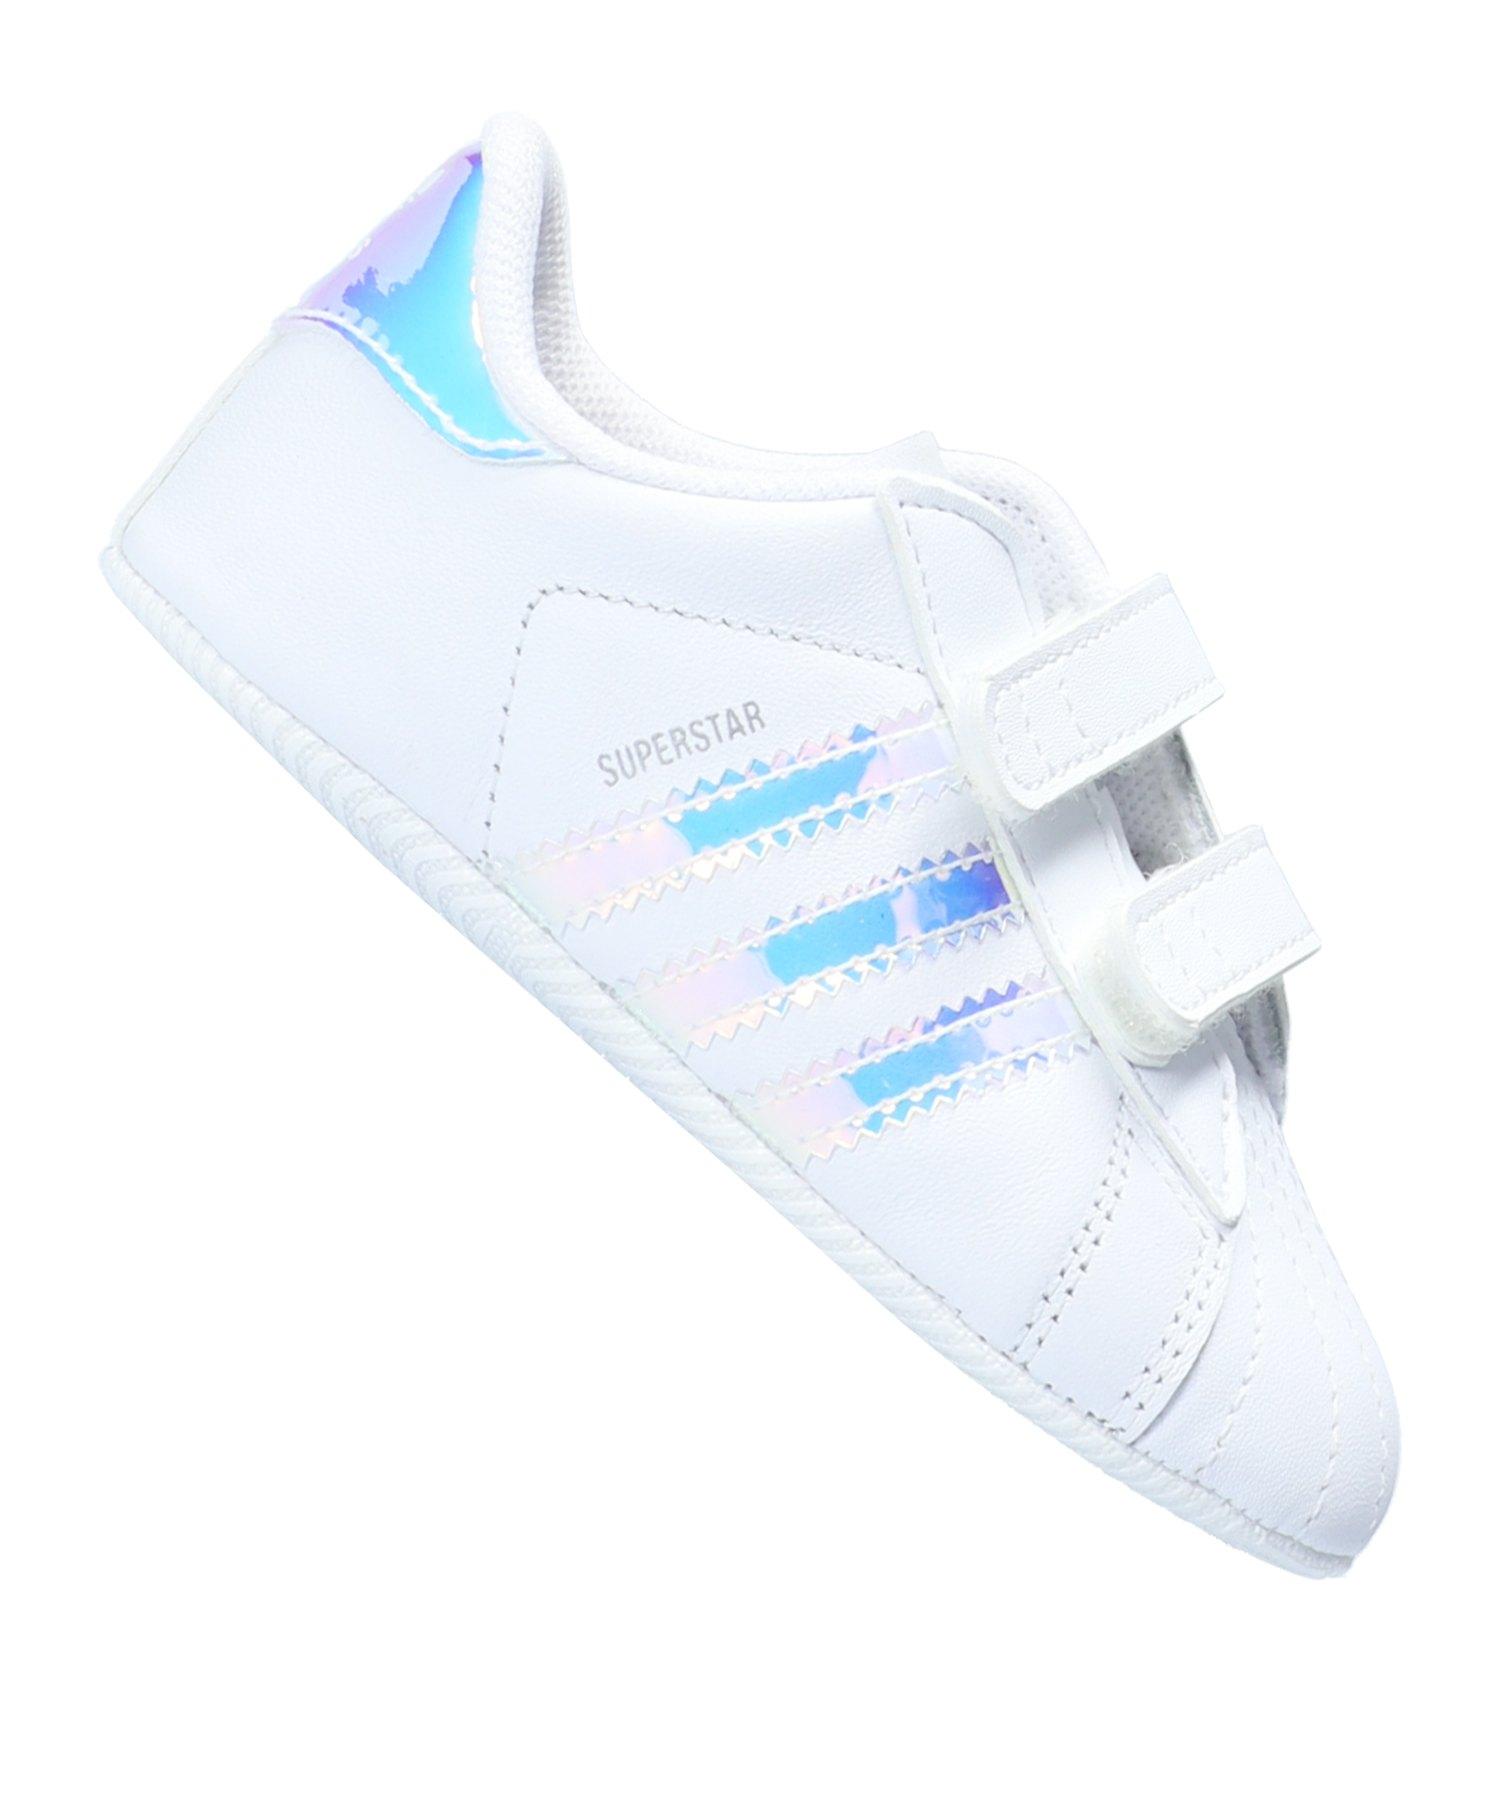 adidas superstar schuhe superstar adidas adidas schuhe schuhe schuhe superstar adidas superstar qUMVpGLSz